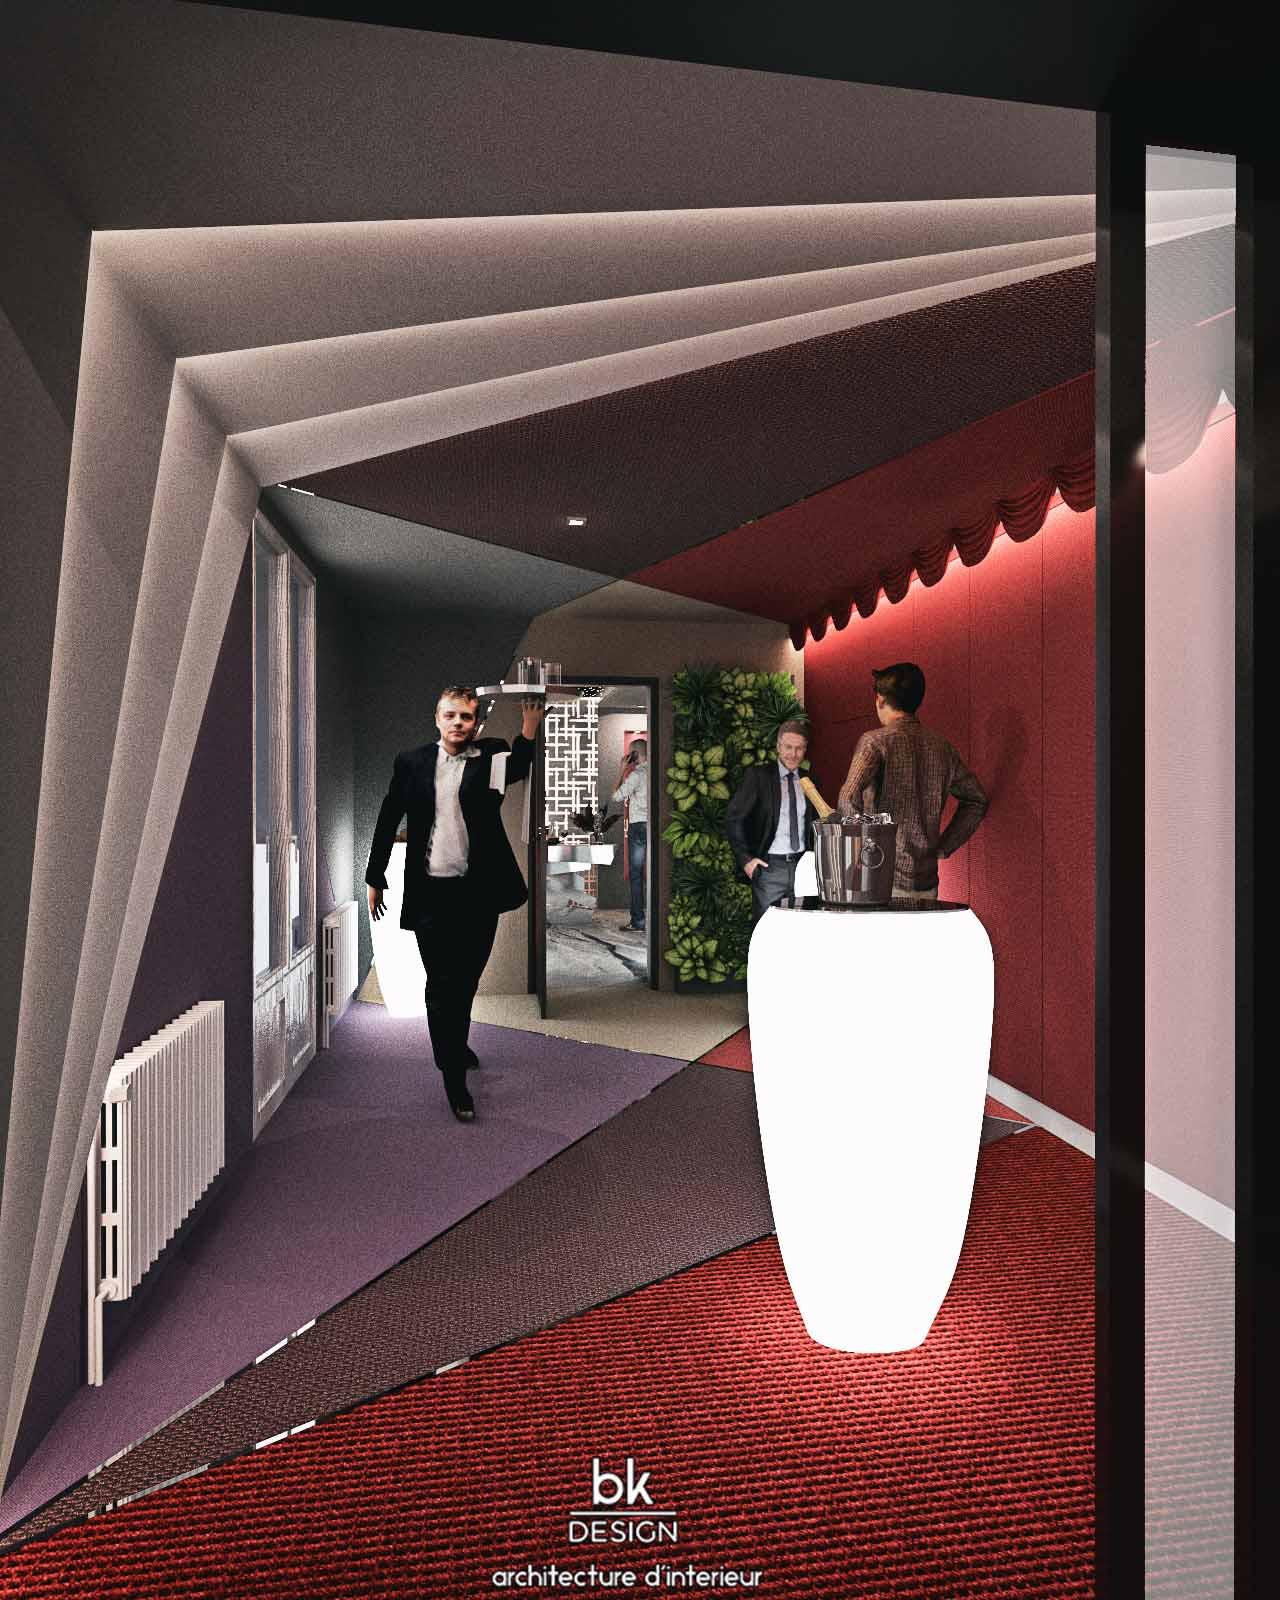 43 bk Design Projet R04 Opéra Théatre v2